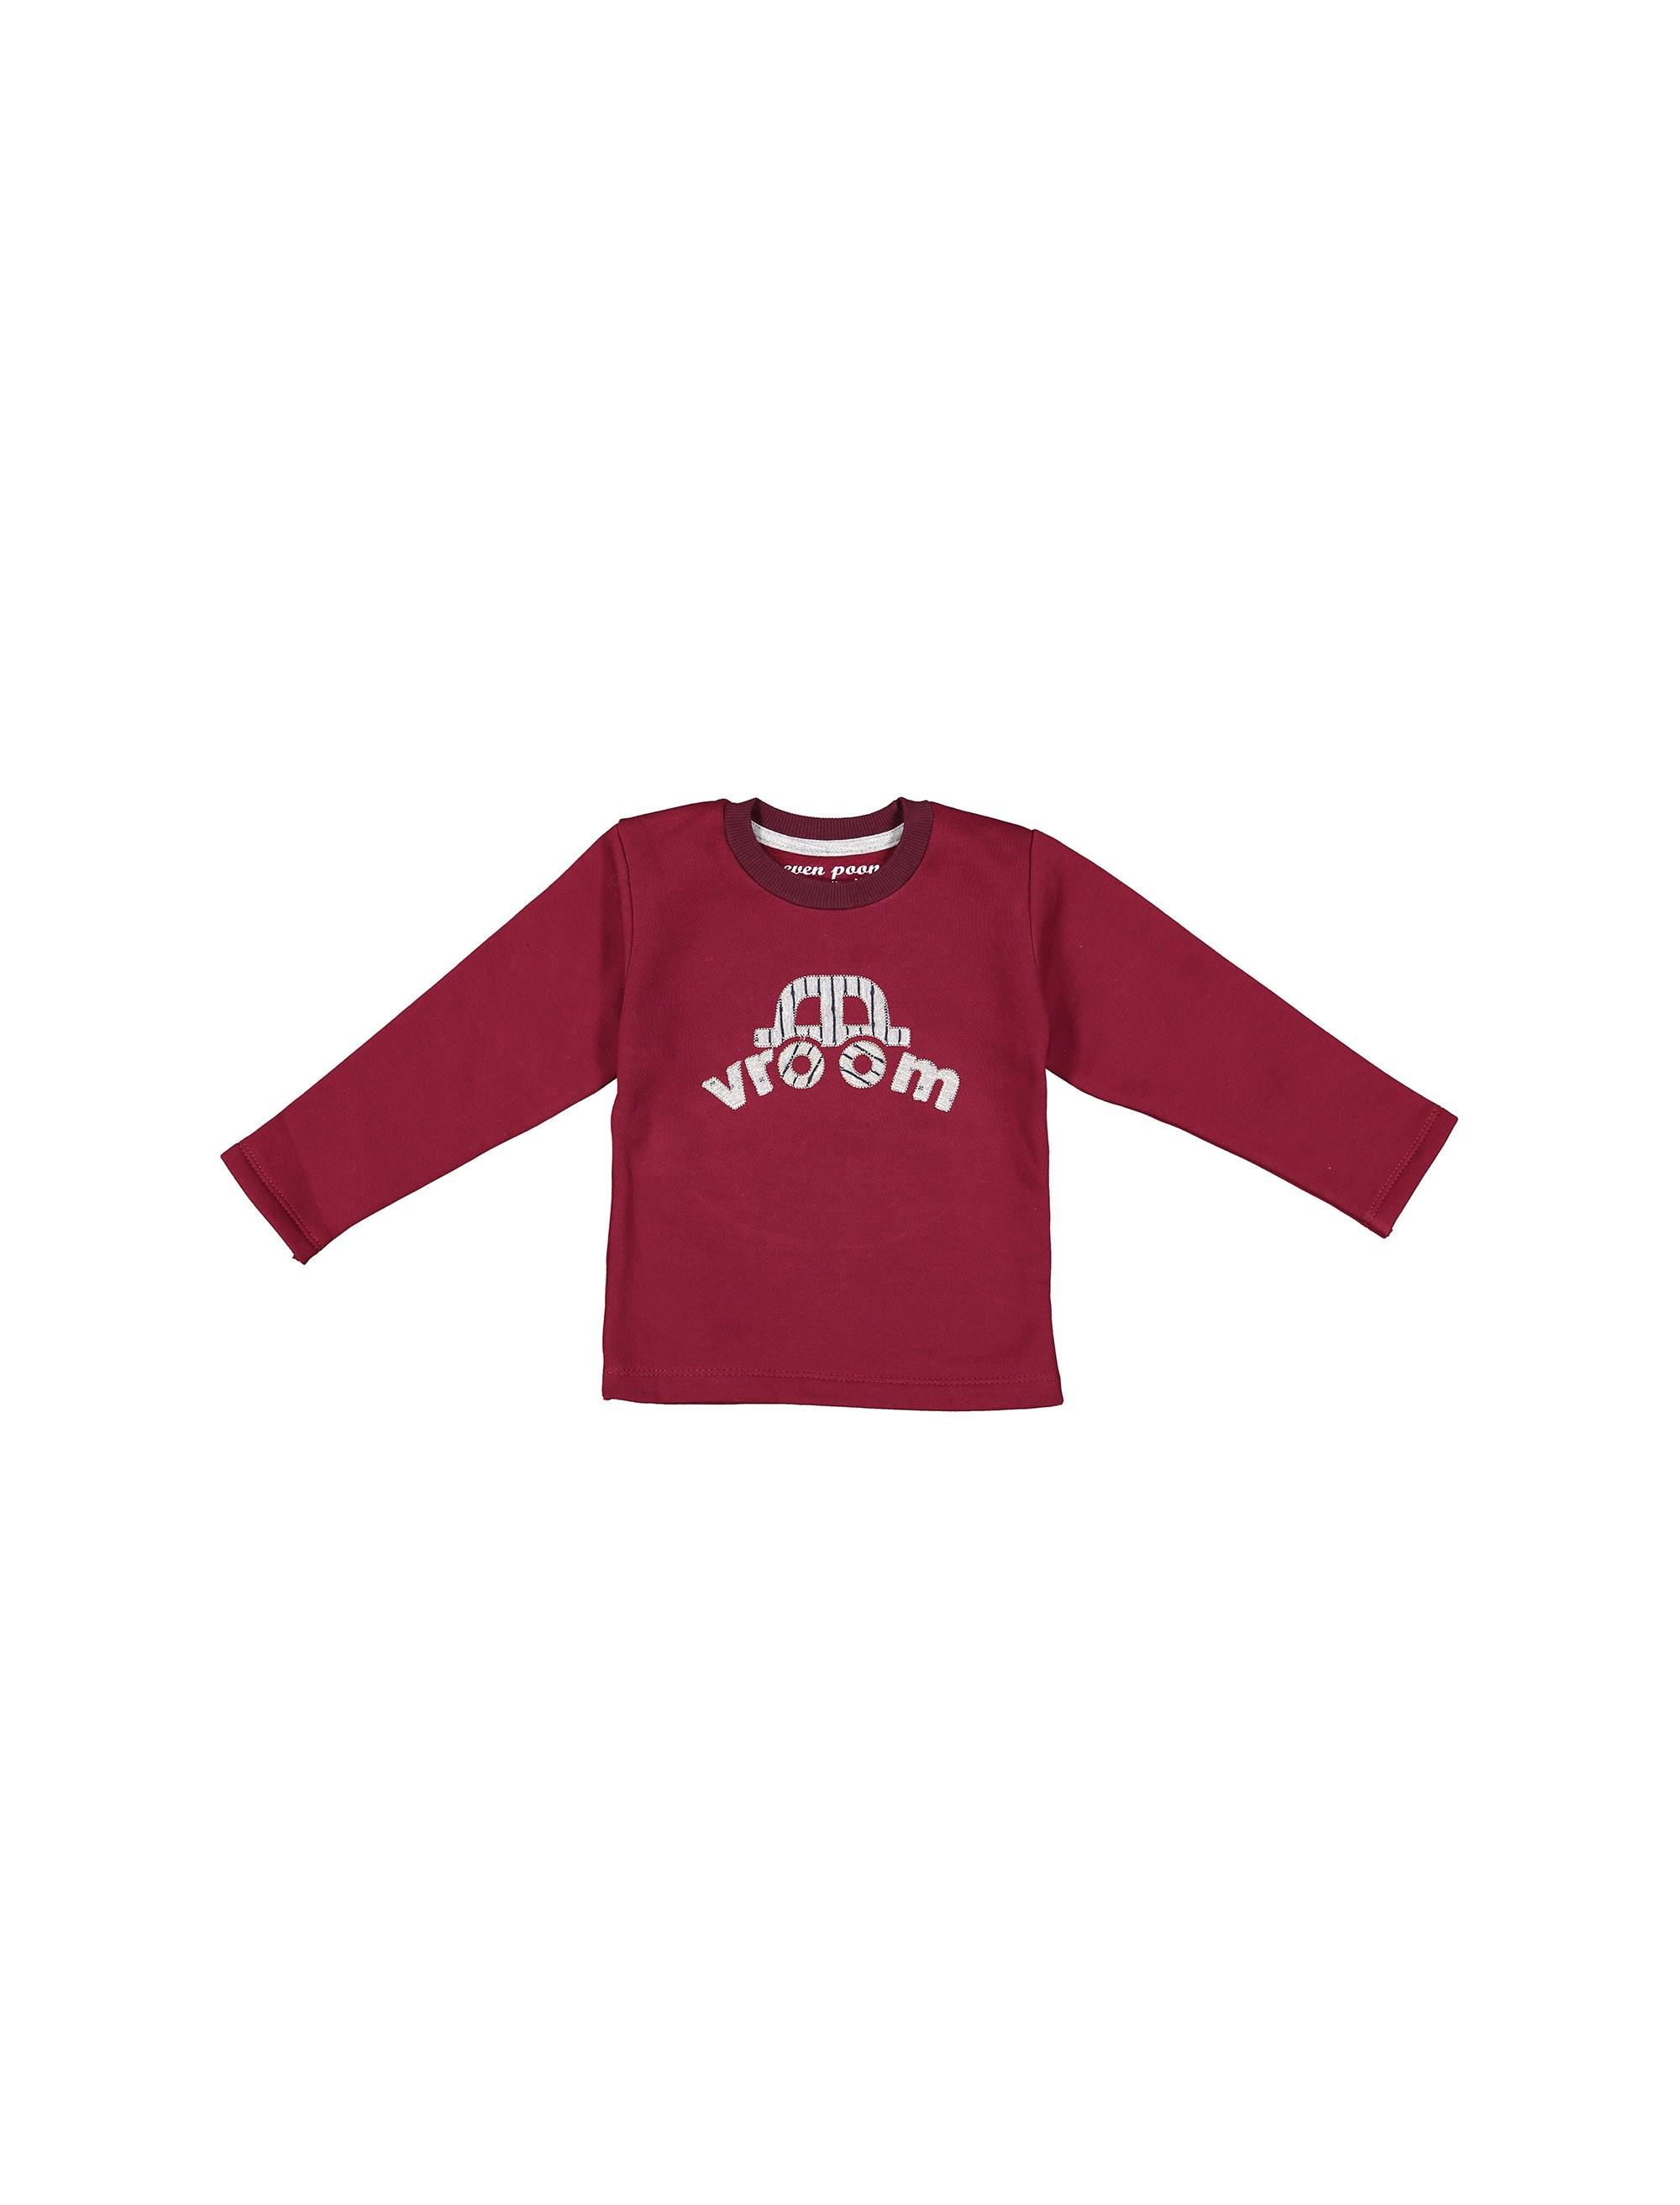 تی شرت و شلوار نخی پسرانه - سون پون